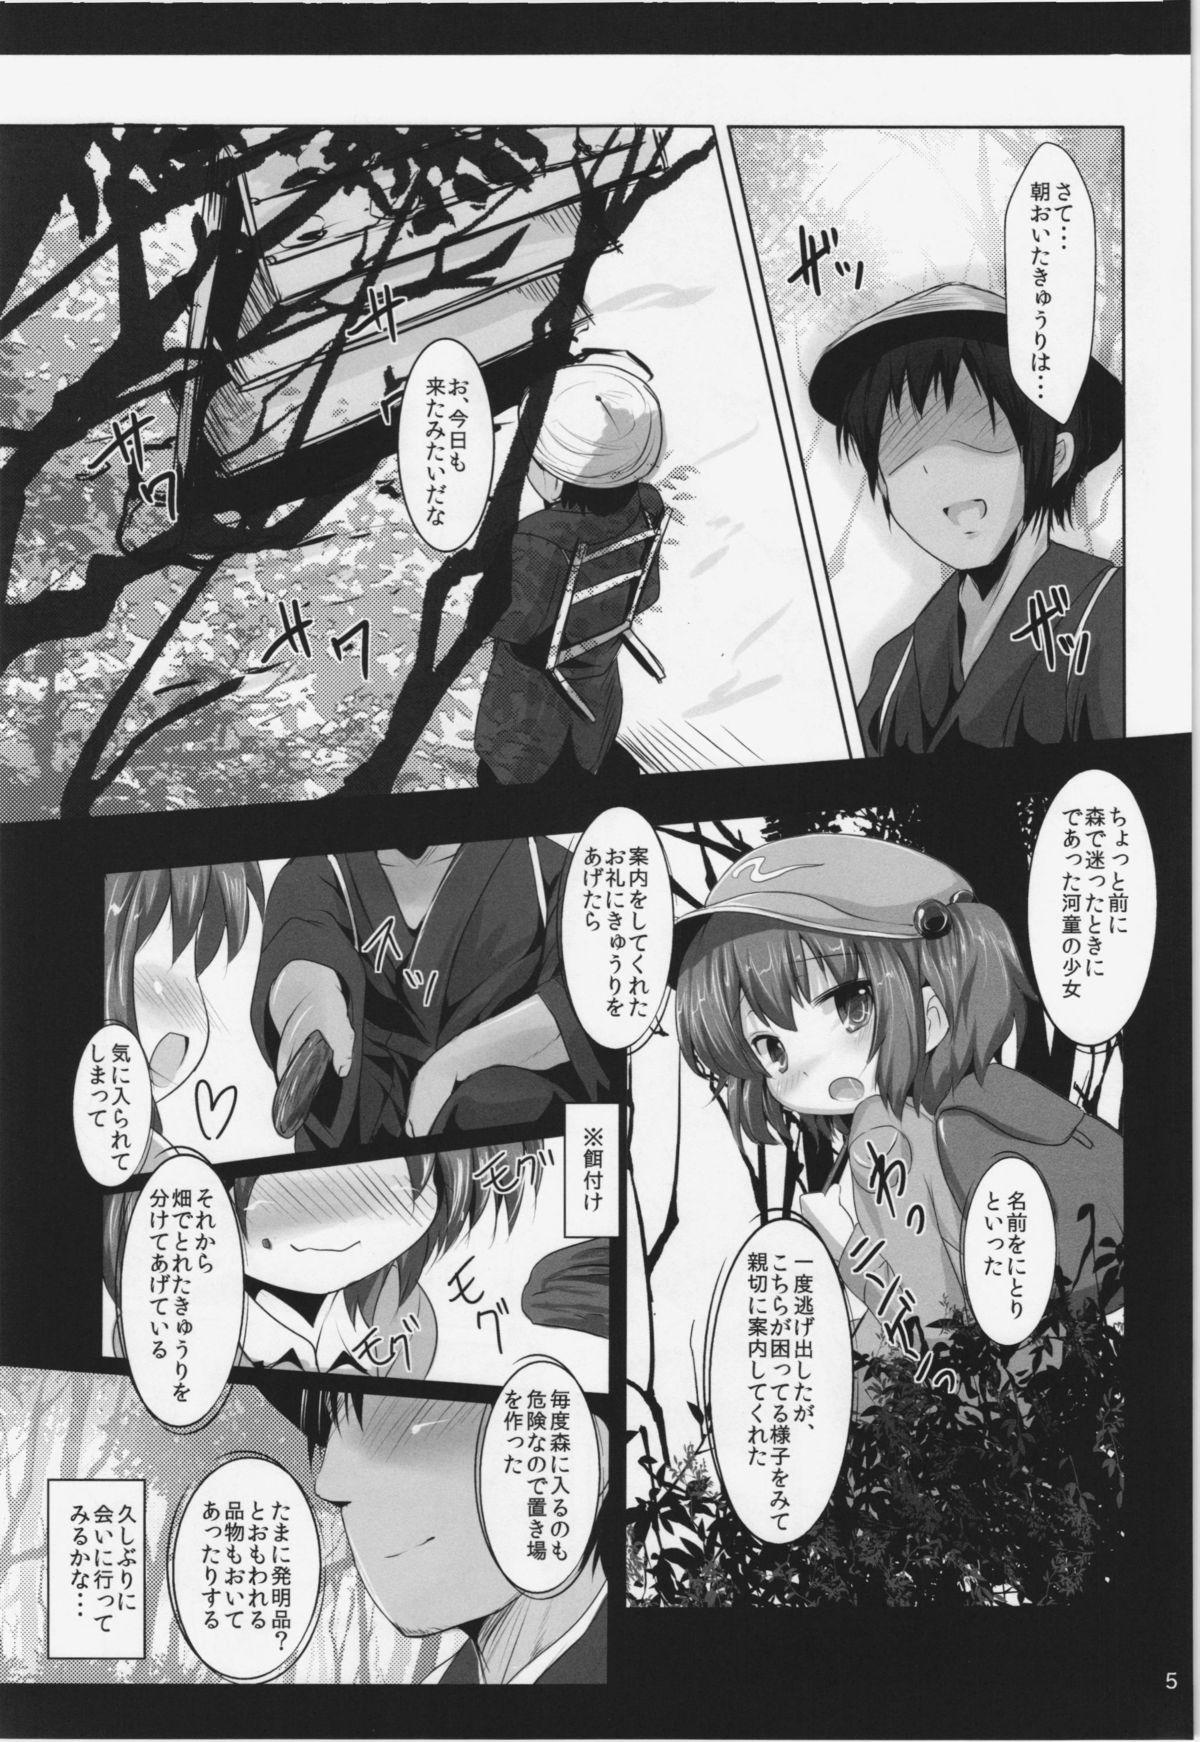 Kappa no Seitai 4